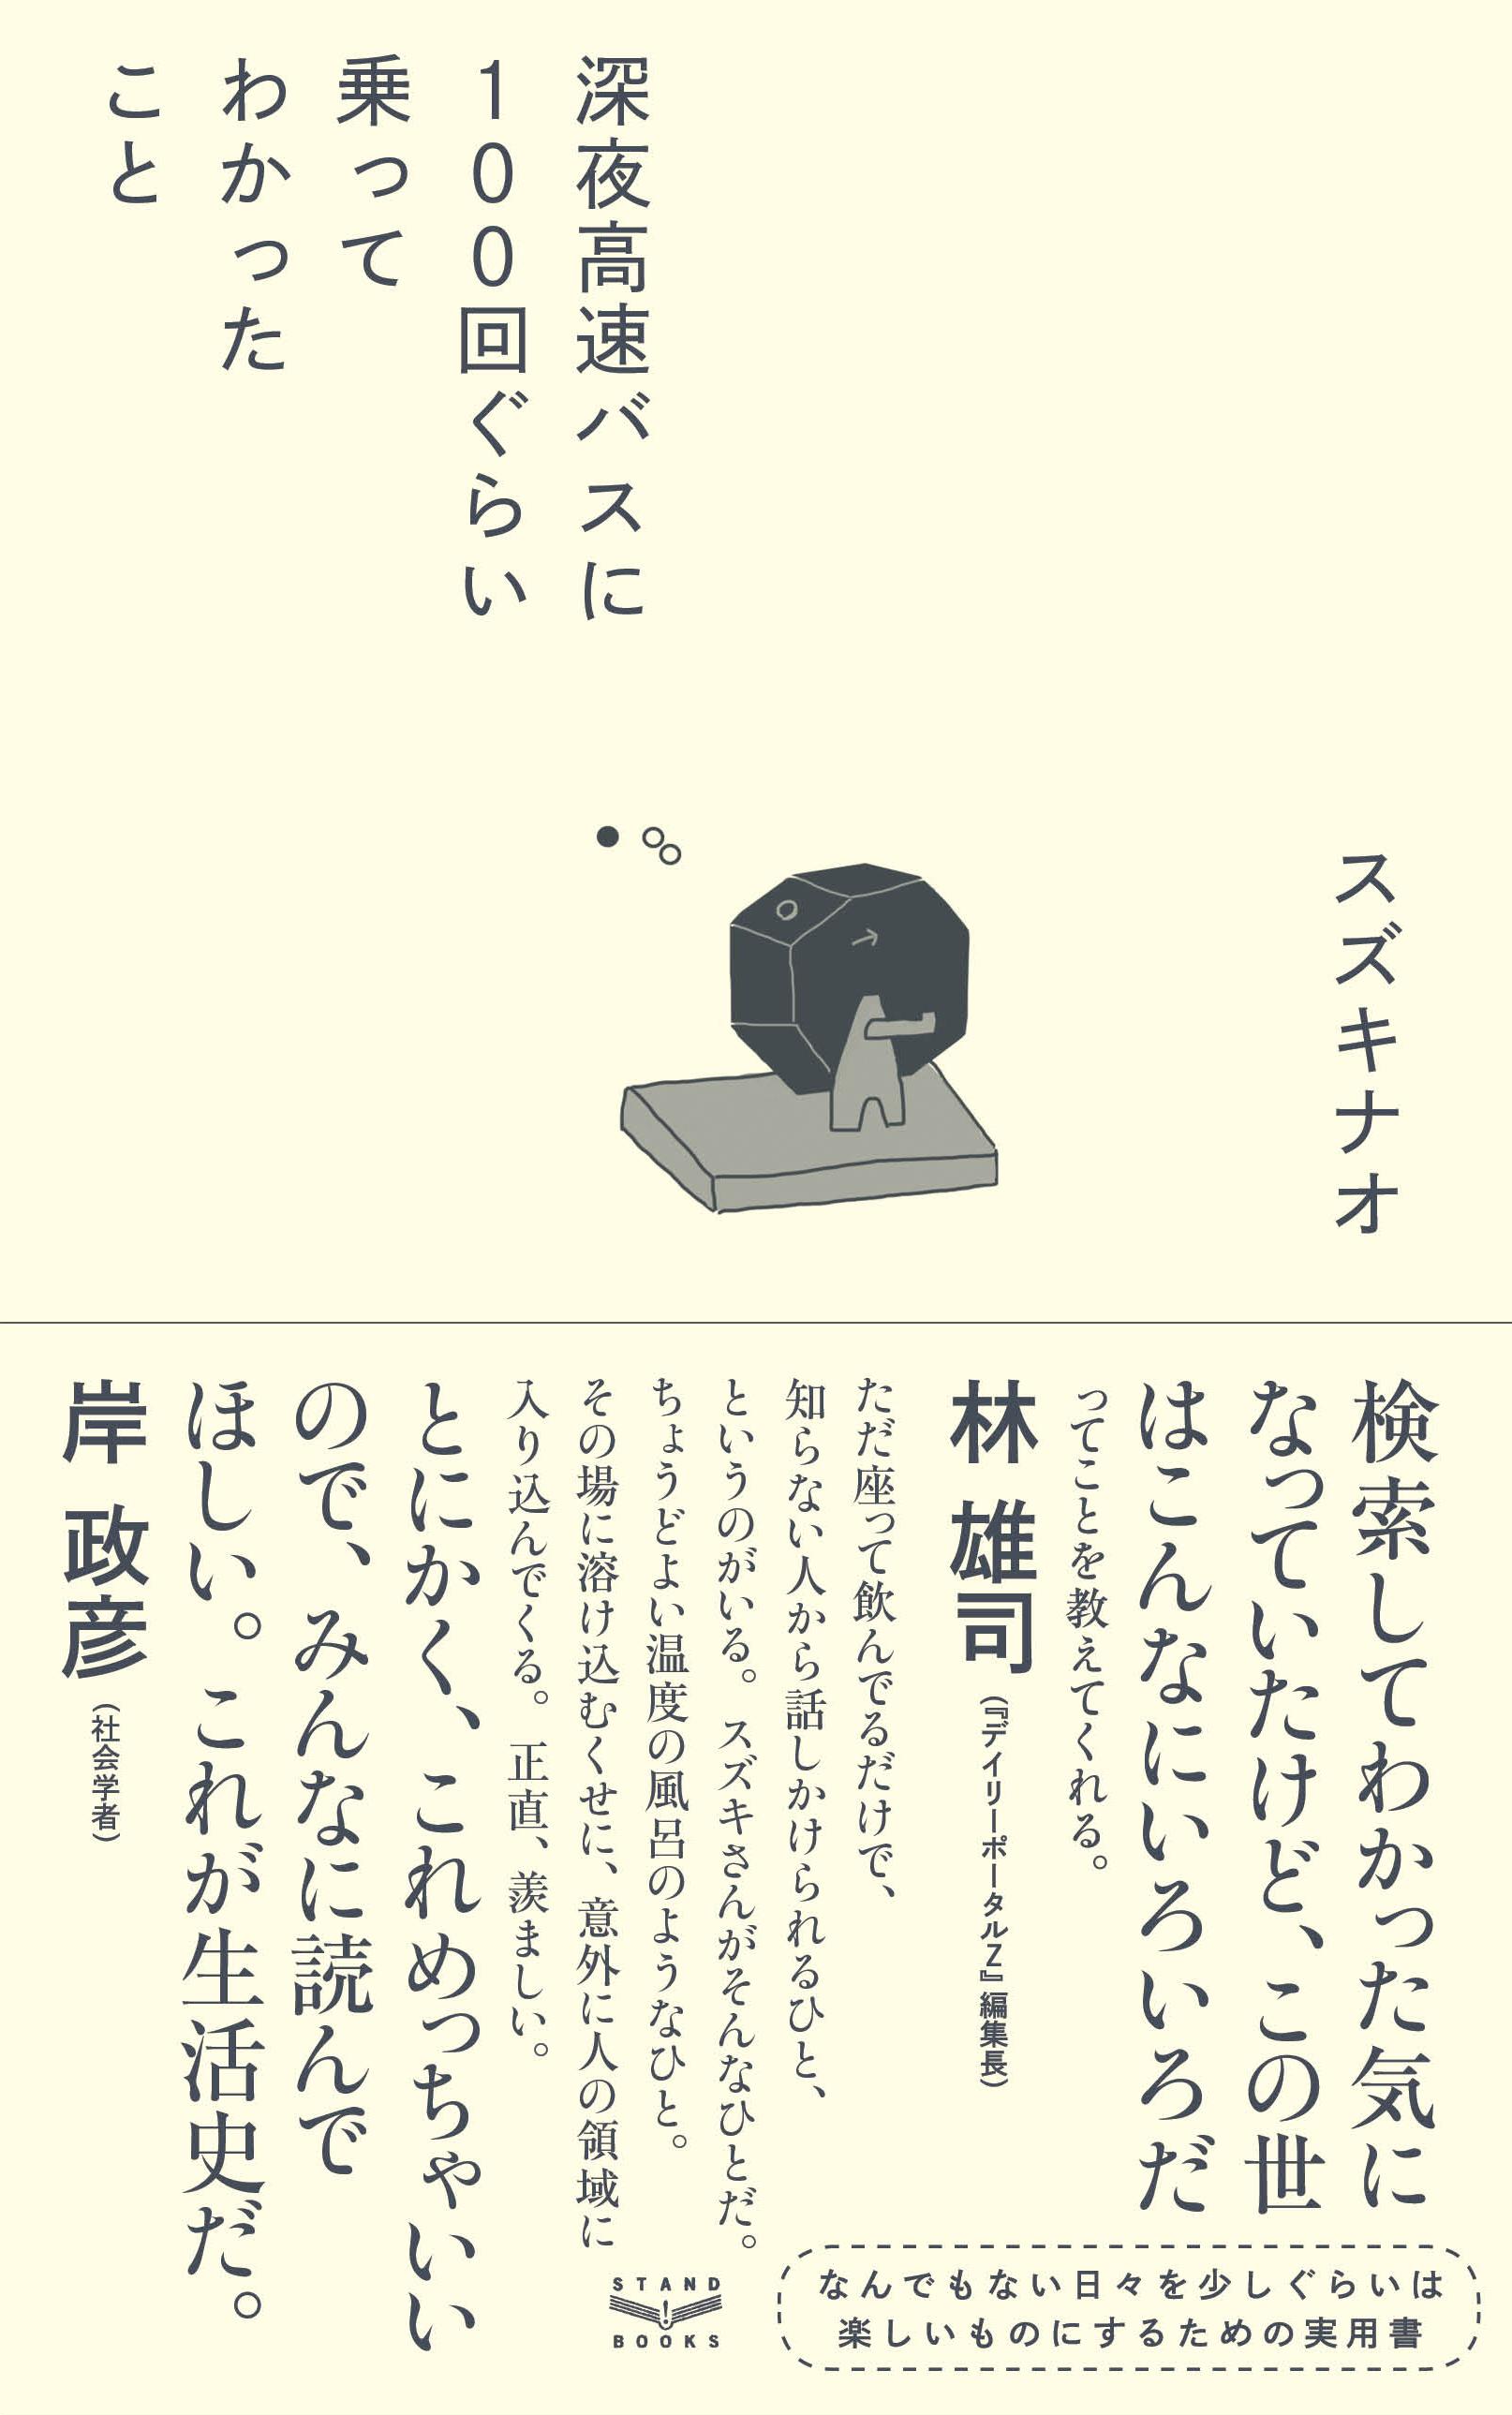 スズキナオ『深夜高速バスに100回ぐらい乗ってわかったこと』2019/11/1発売予定